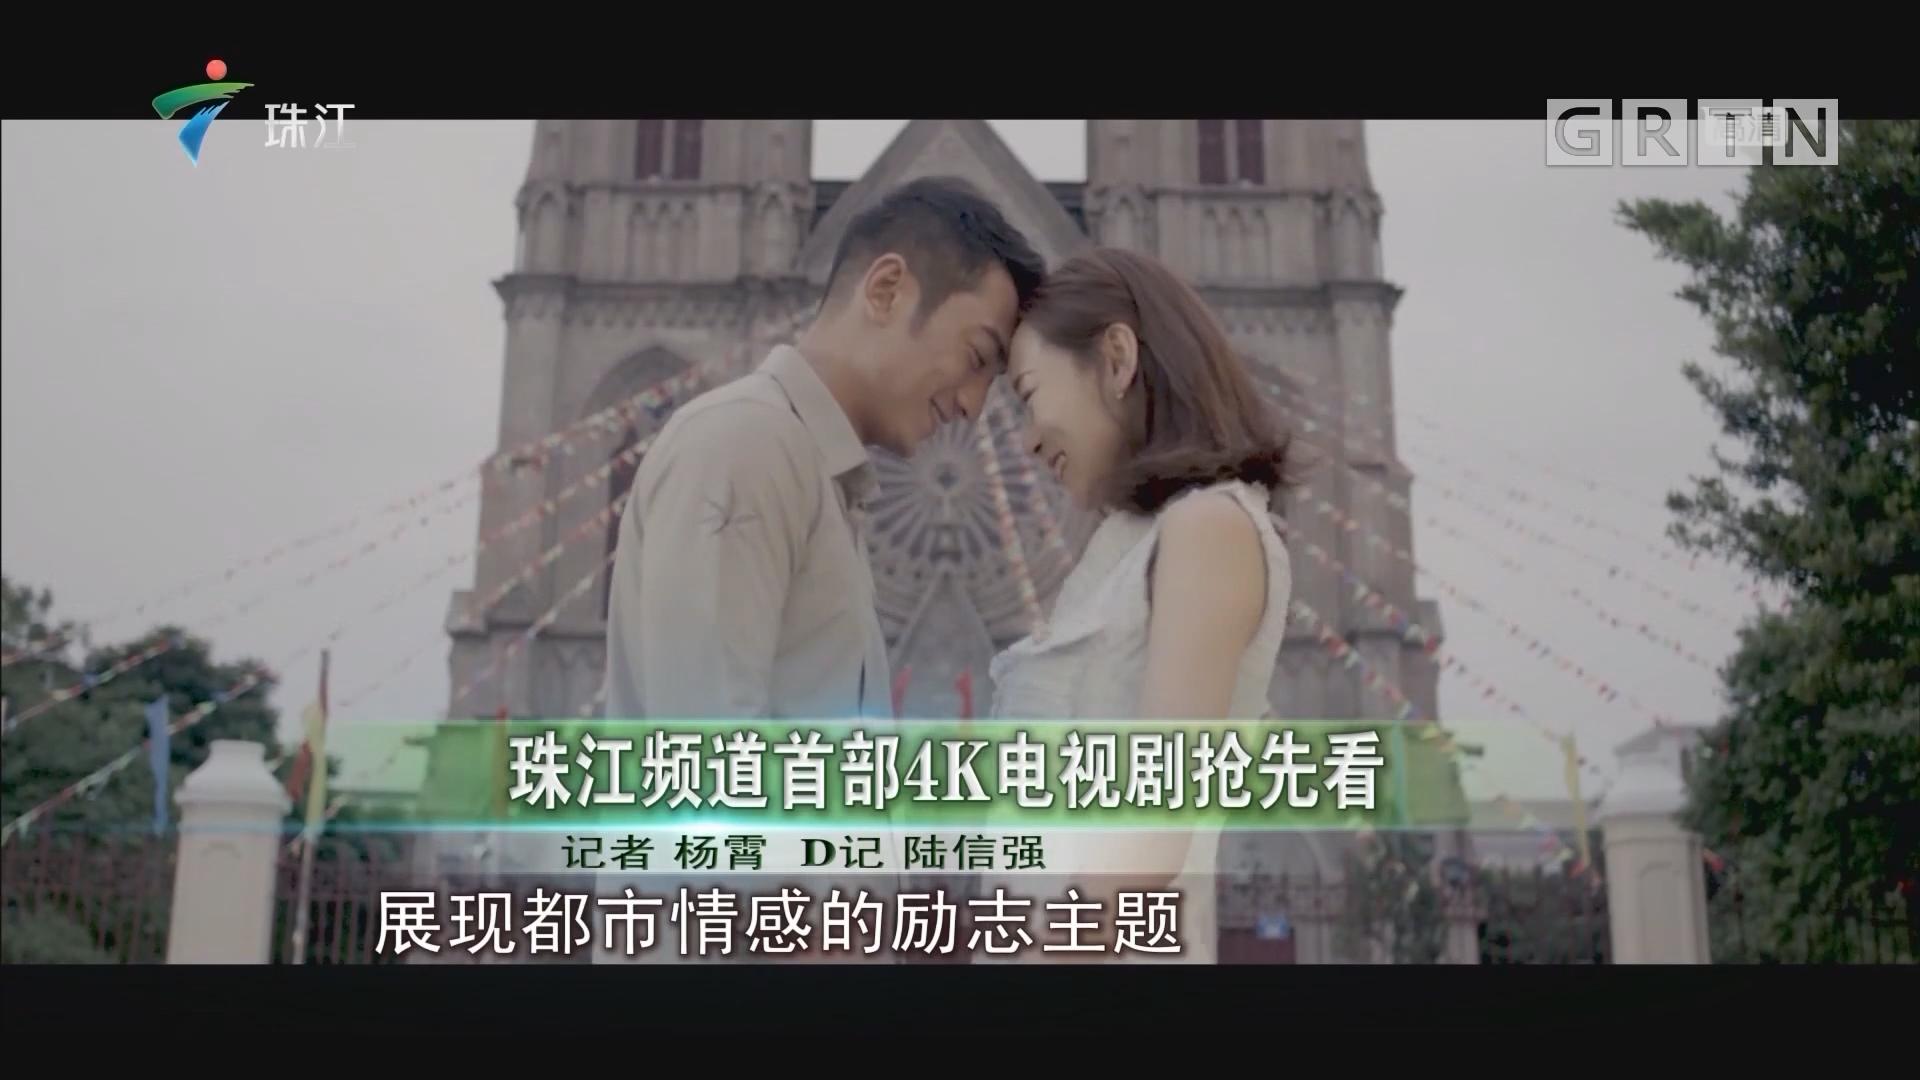 珠江频道首部4K电视剧抢先看